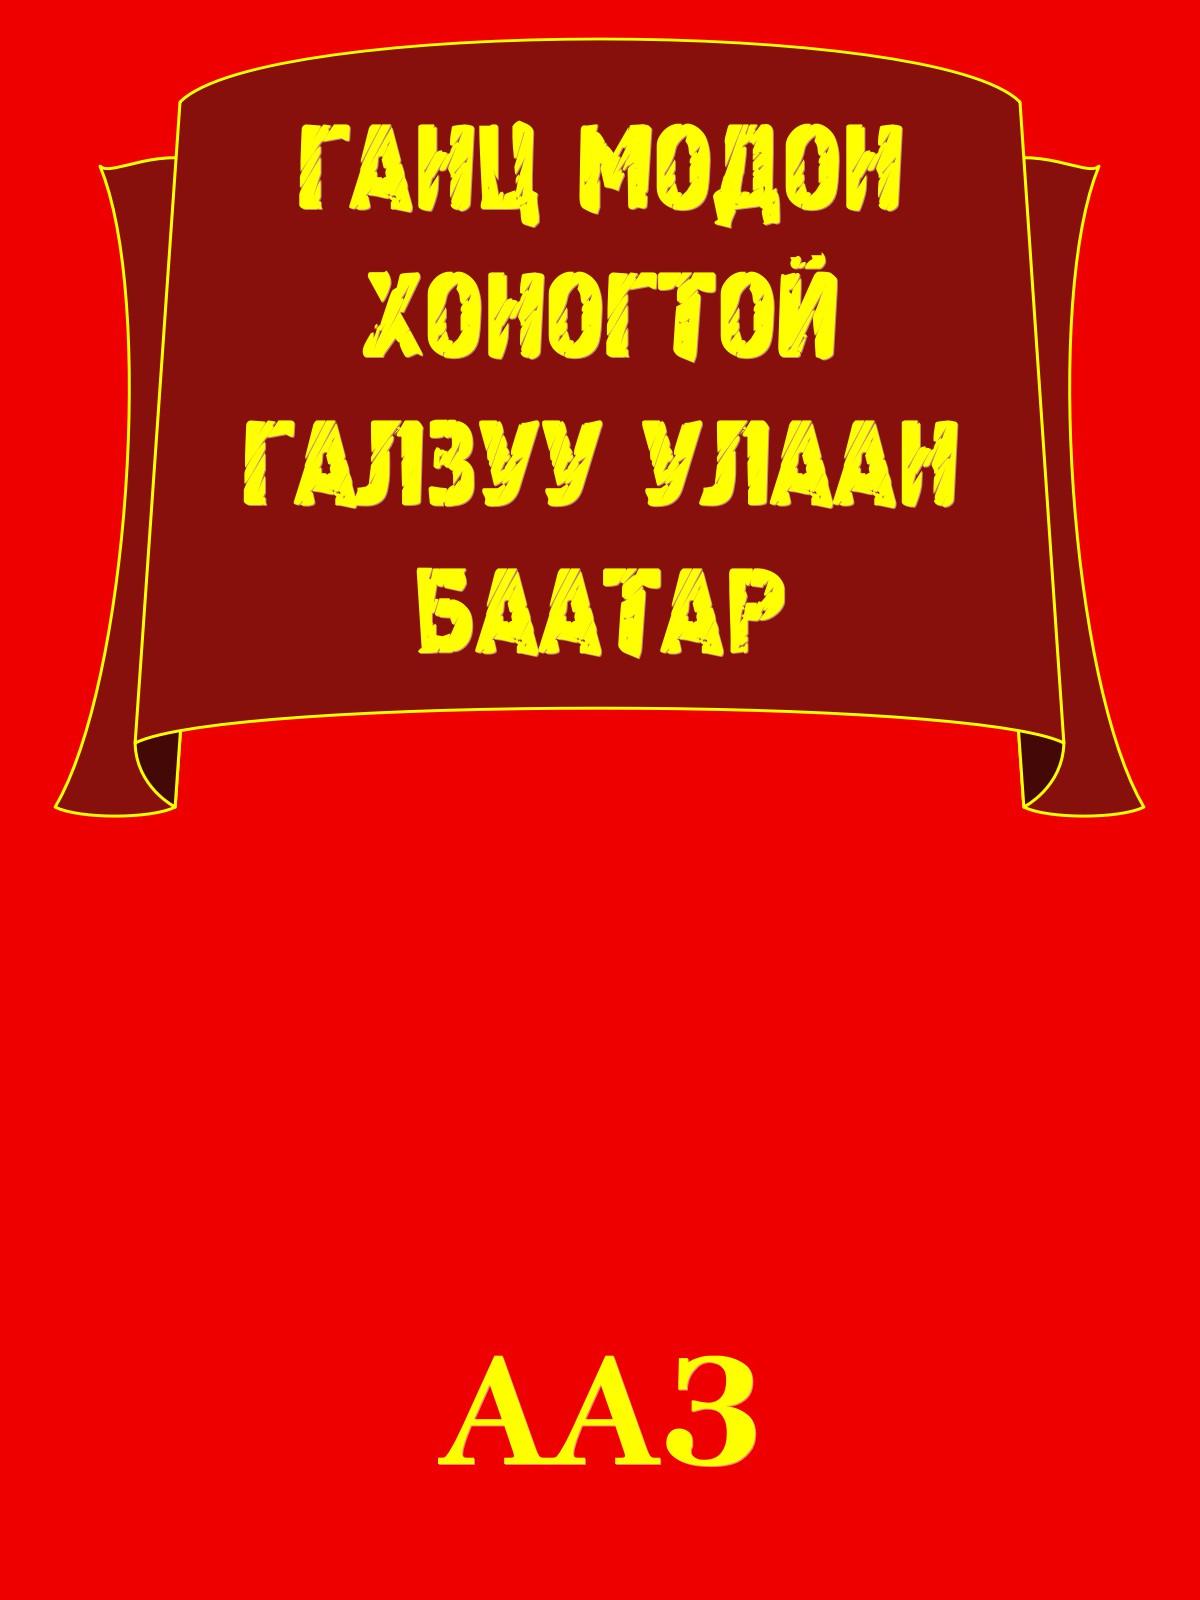 ГАНЦ МОДОН ХОНОГТОЙ ГАЛЗУУ УЛААН БААТАР